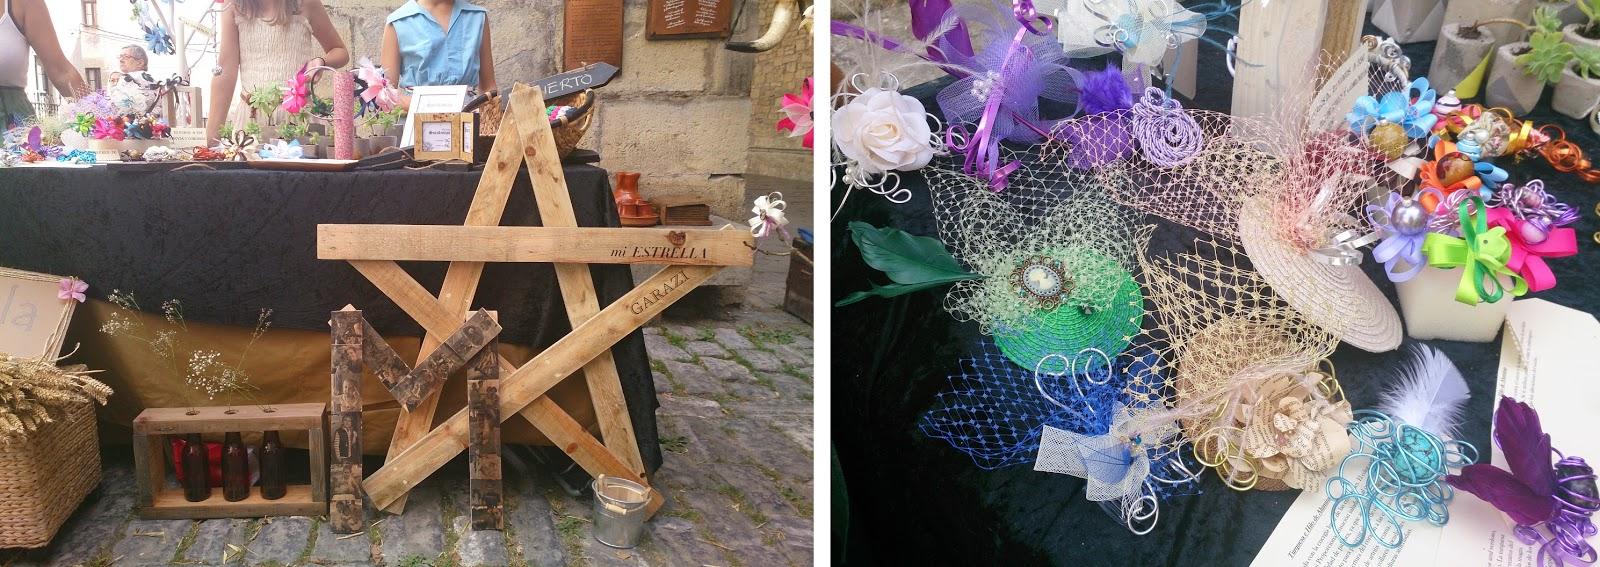 Mercado medieval de Artziniega_ diy con madera de palet